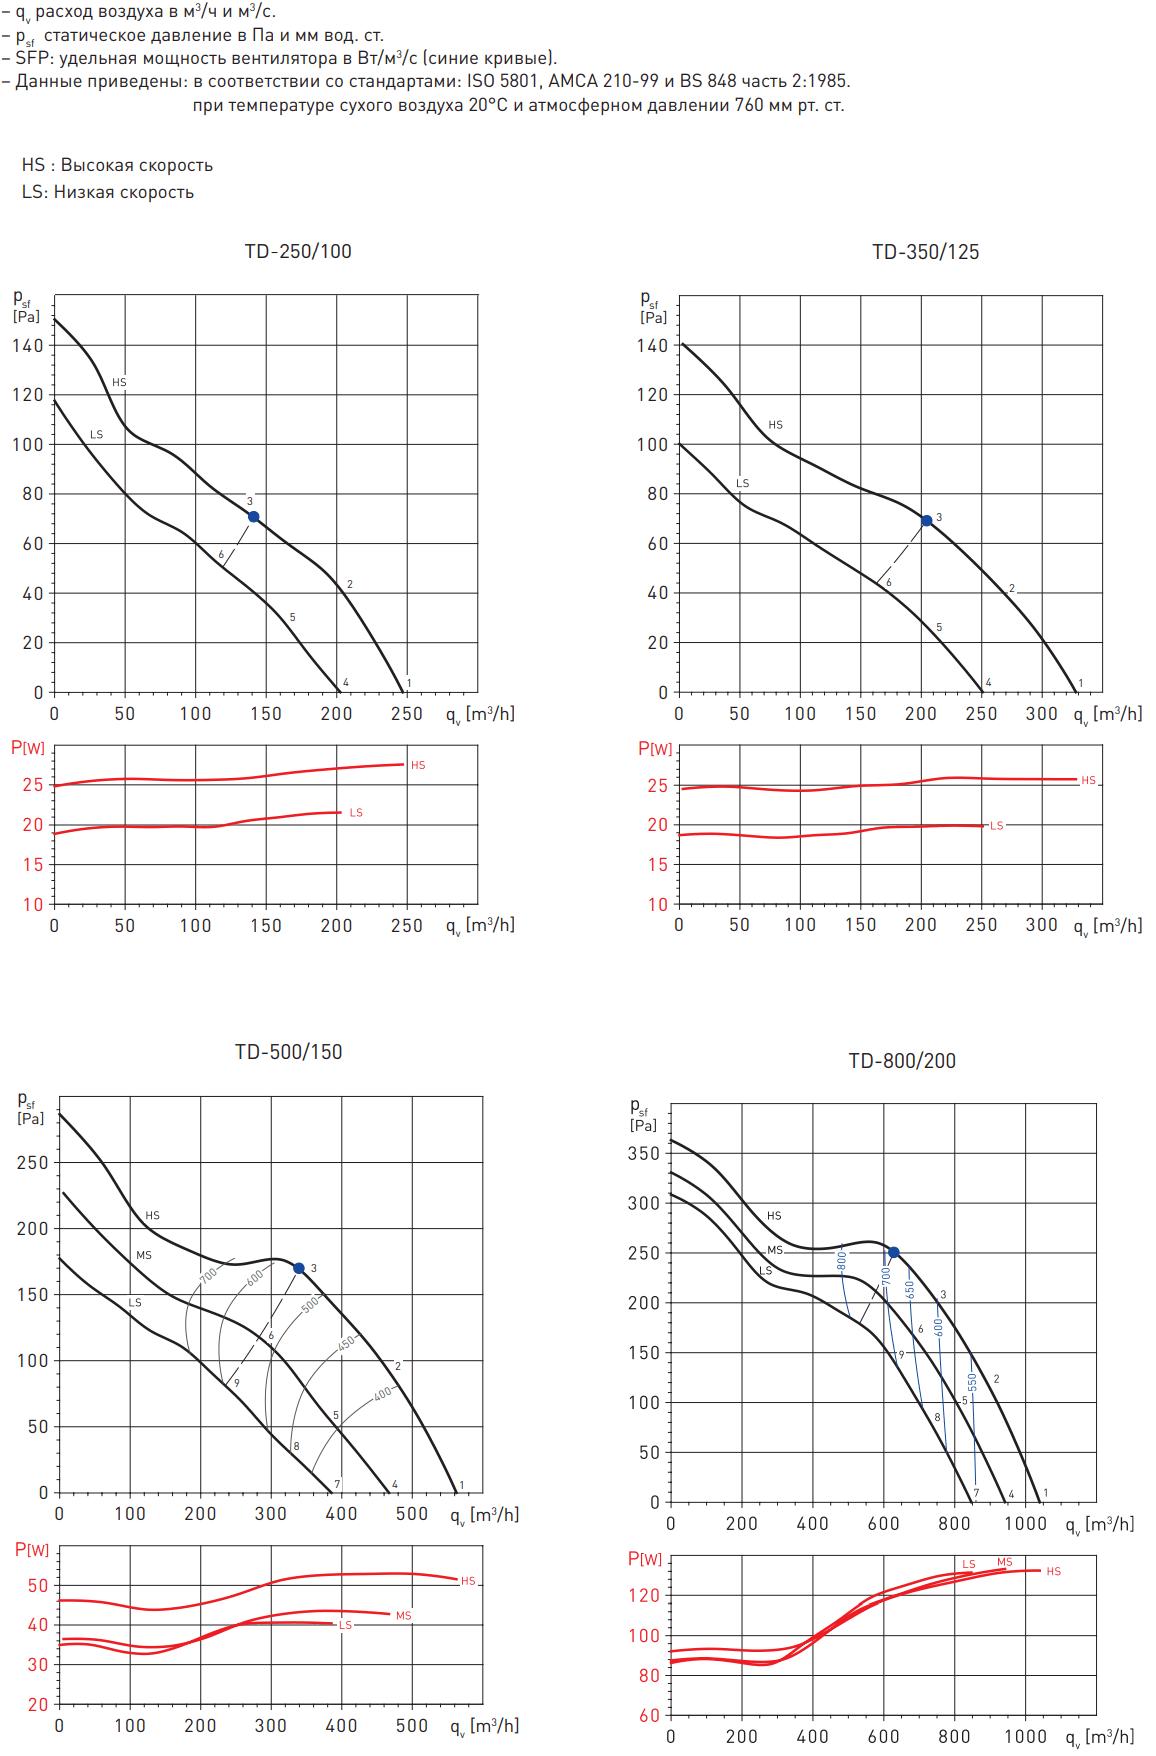 Канальный вентилятор Soler&Palau TD - Аэродинамические характеристики